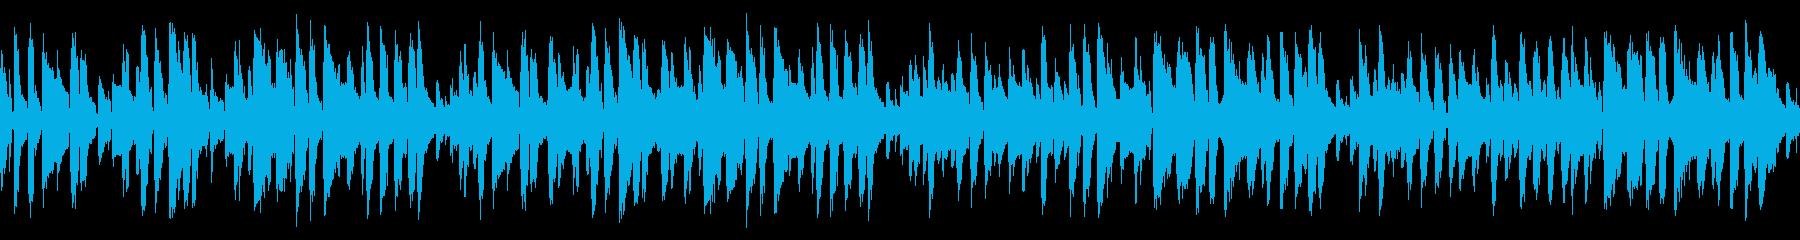 有名な誕生日の歌をお洒落ジャズに(ループの再生済みの波形